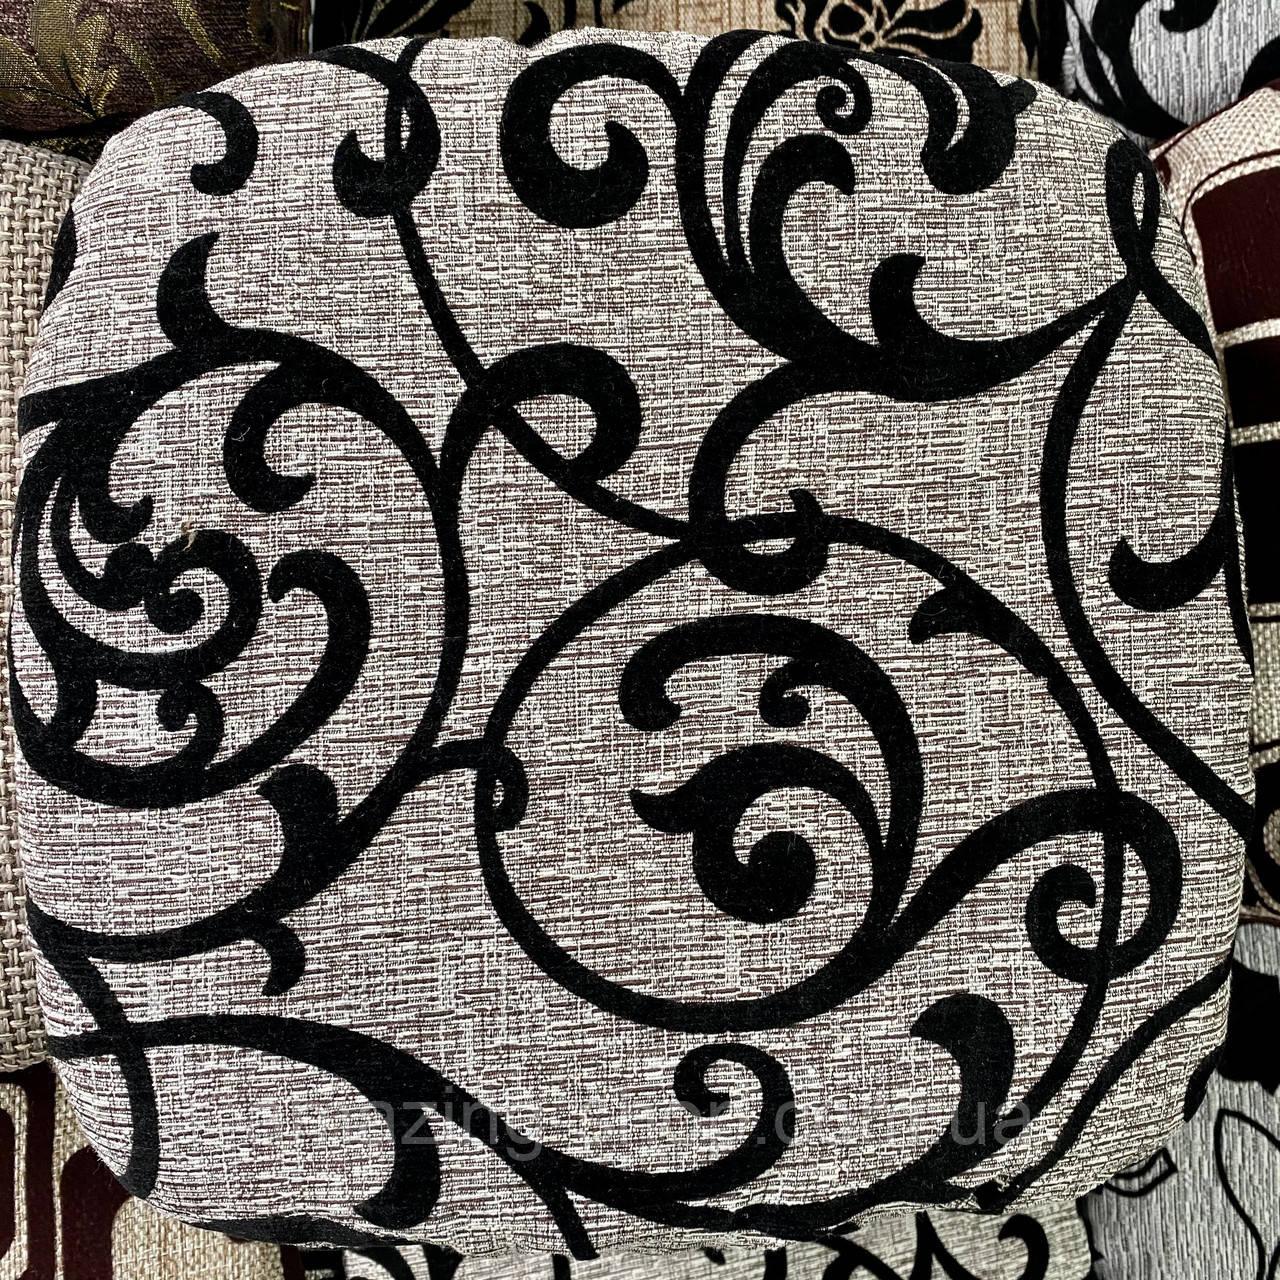 Чехлы накидки на стульчики и табуретки | На размер табуретки от 30 до 34см. Высокого качества, полноразмерные.